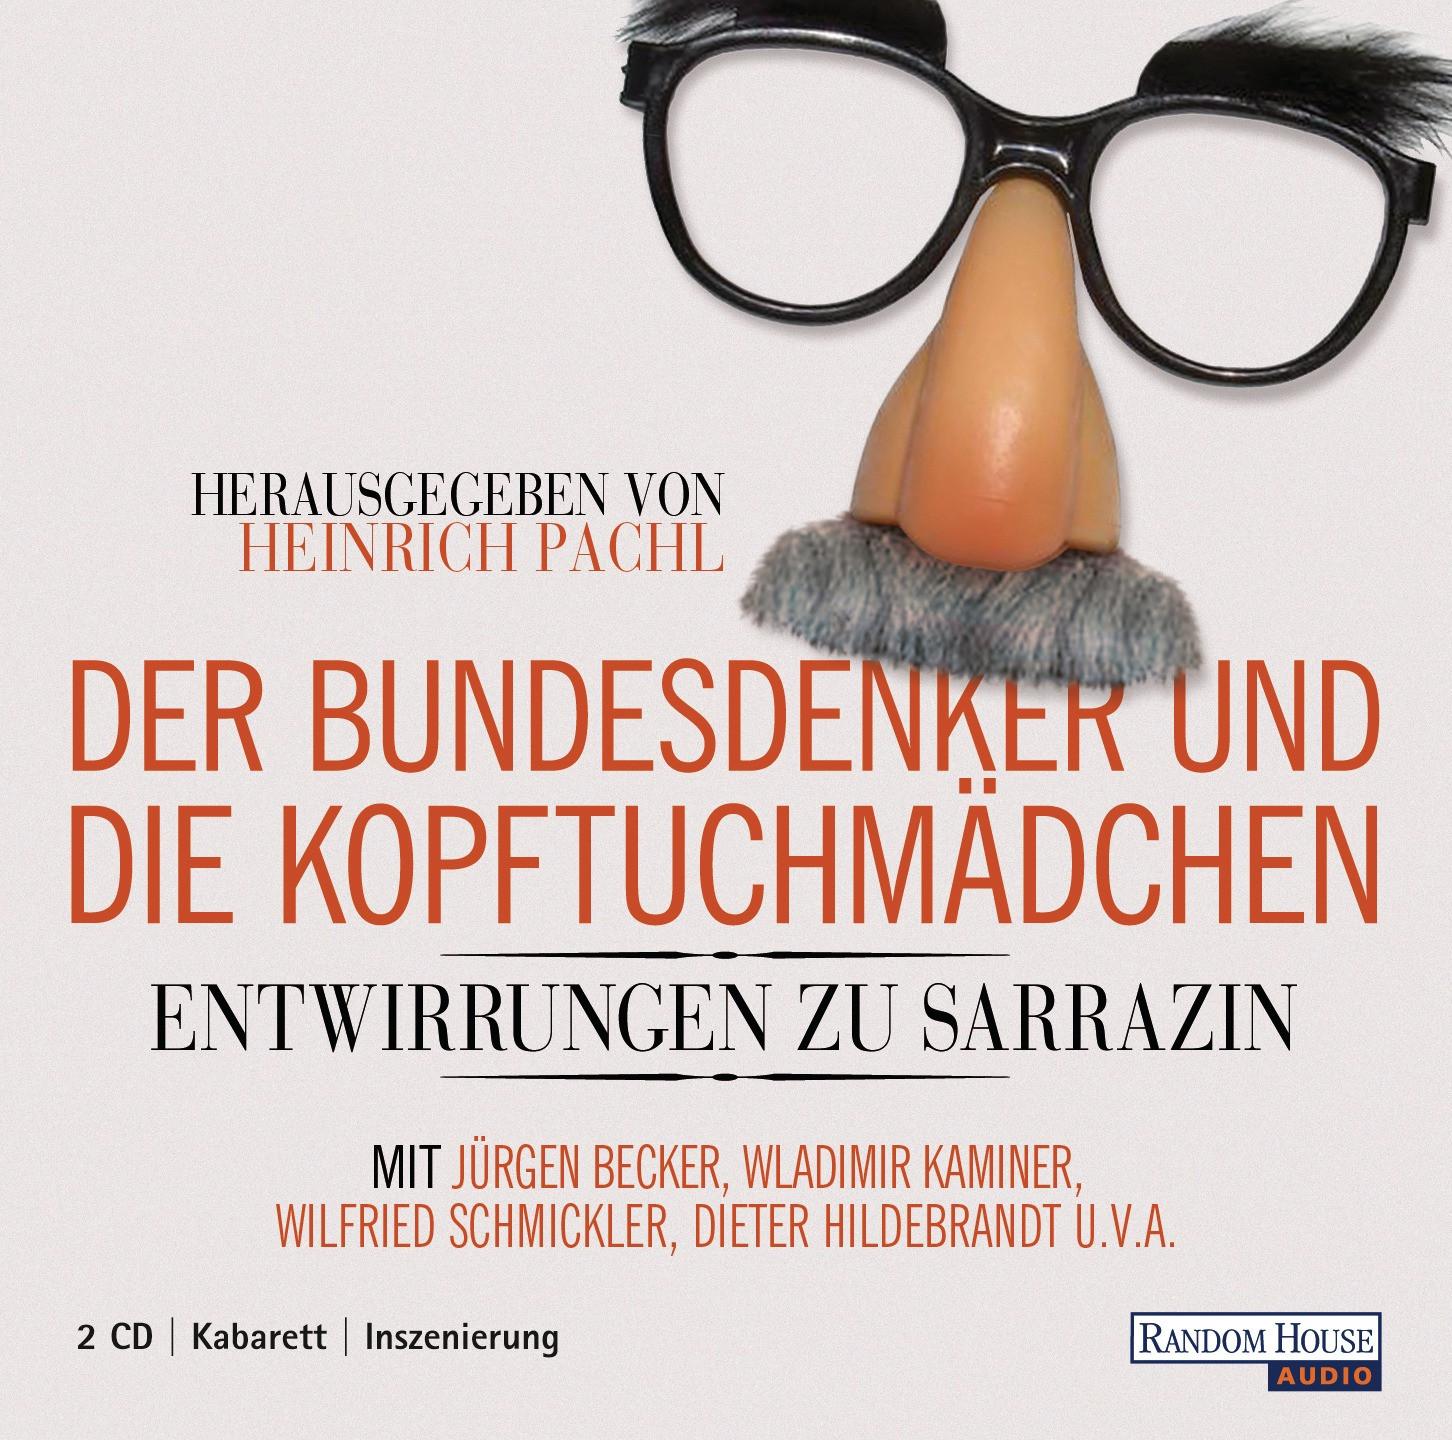 Heinrich Pachl - Der Bundesdenker und die Kopftuchmädchen